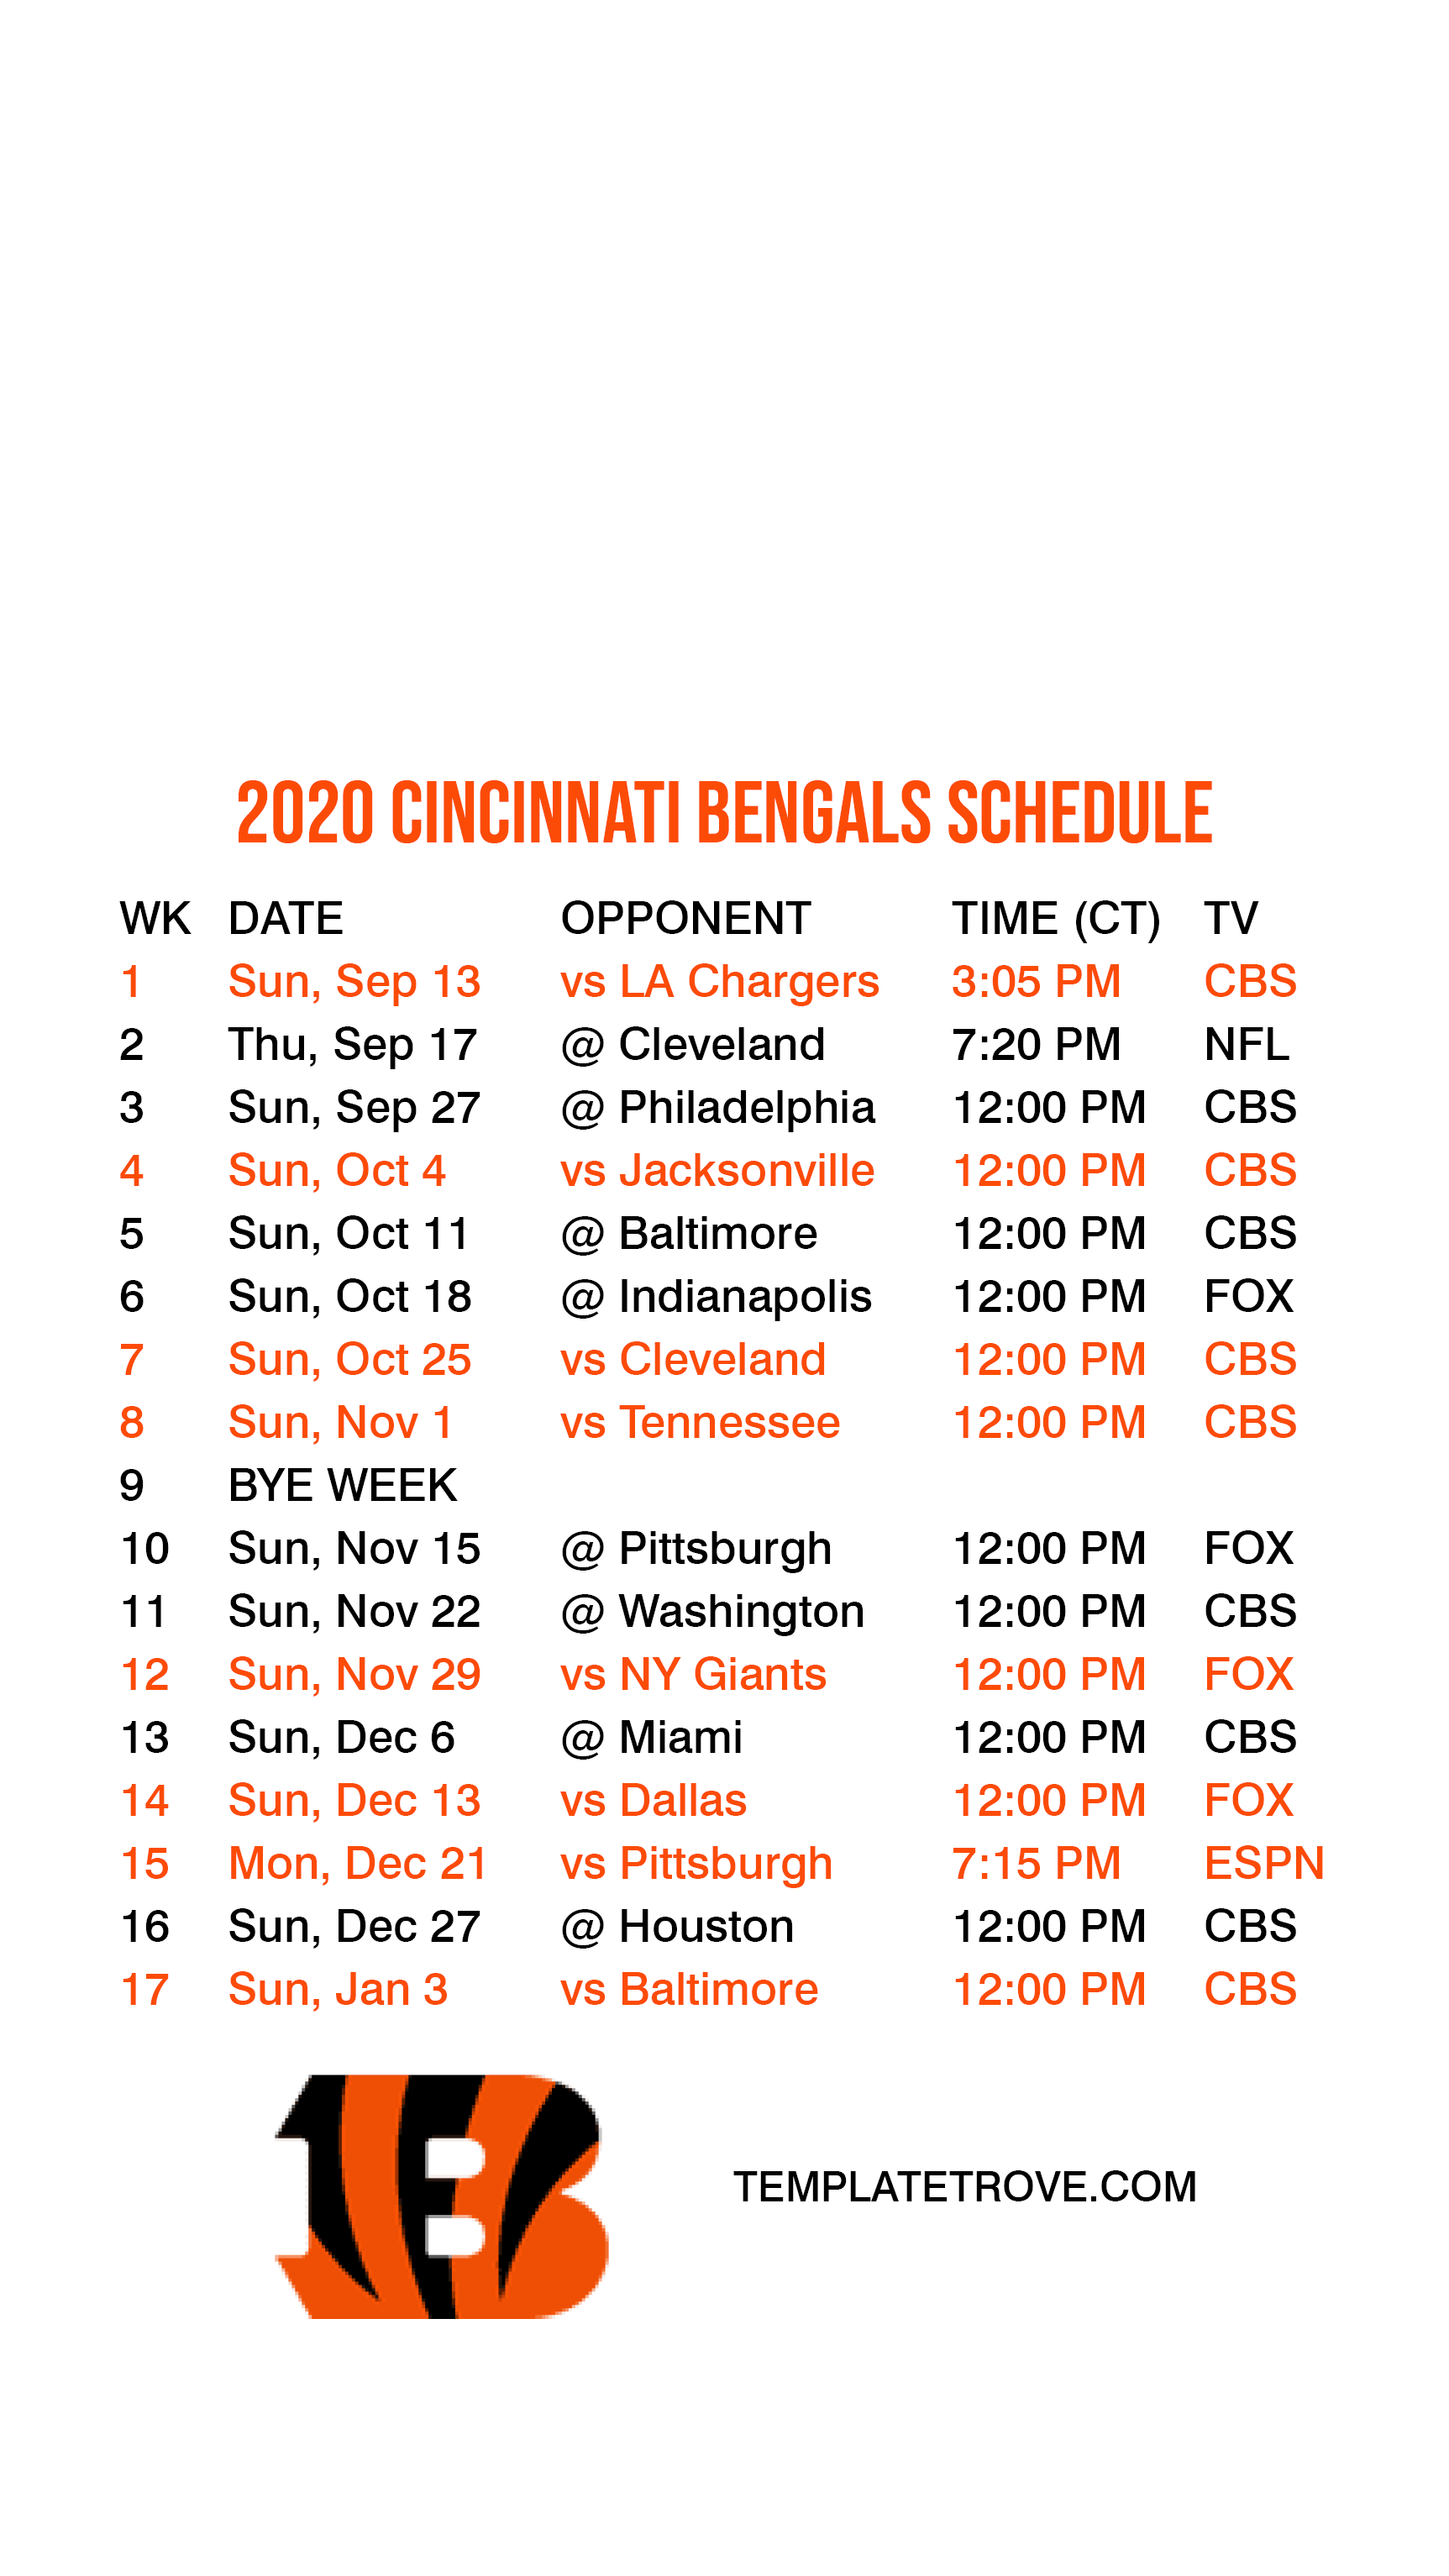 2020 2021 Cincinnati Bengals Lock Screen Schedule For